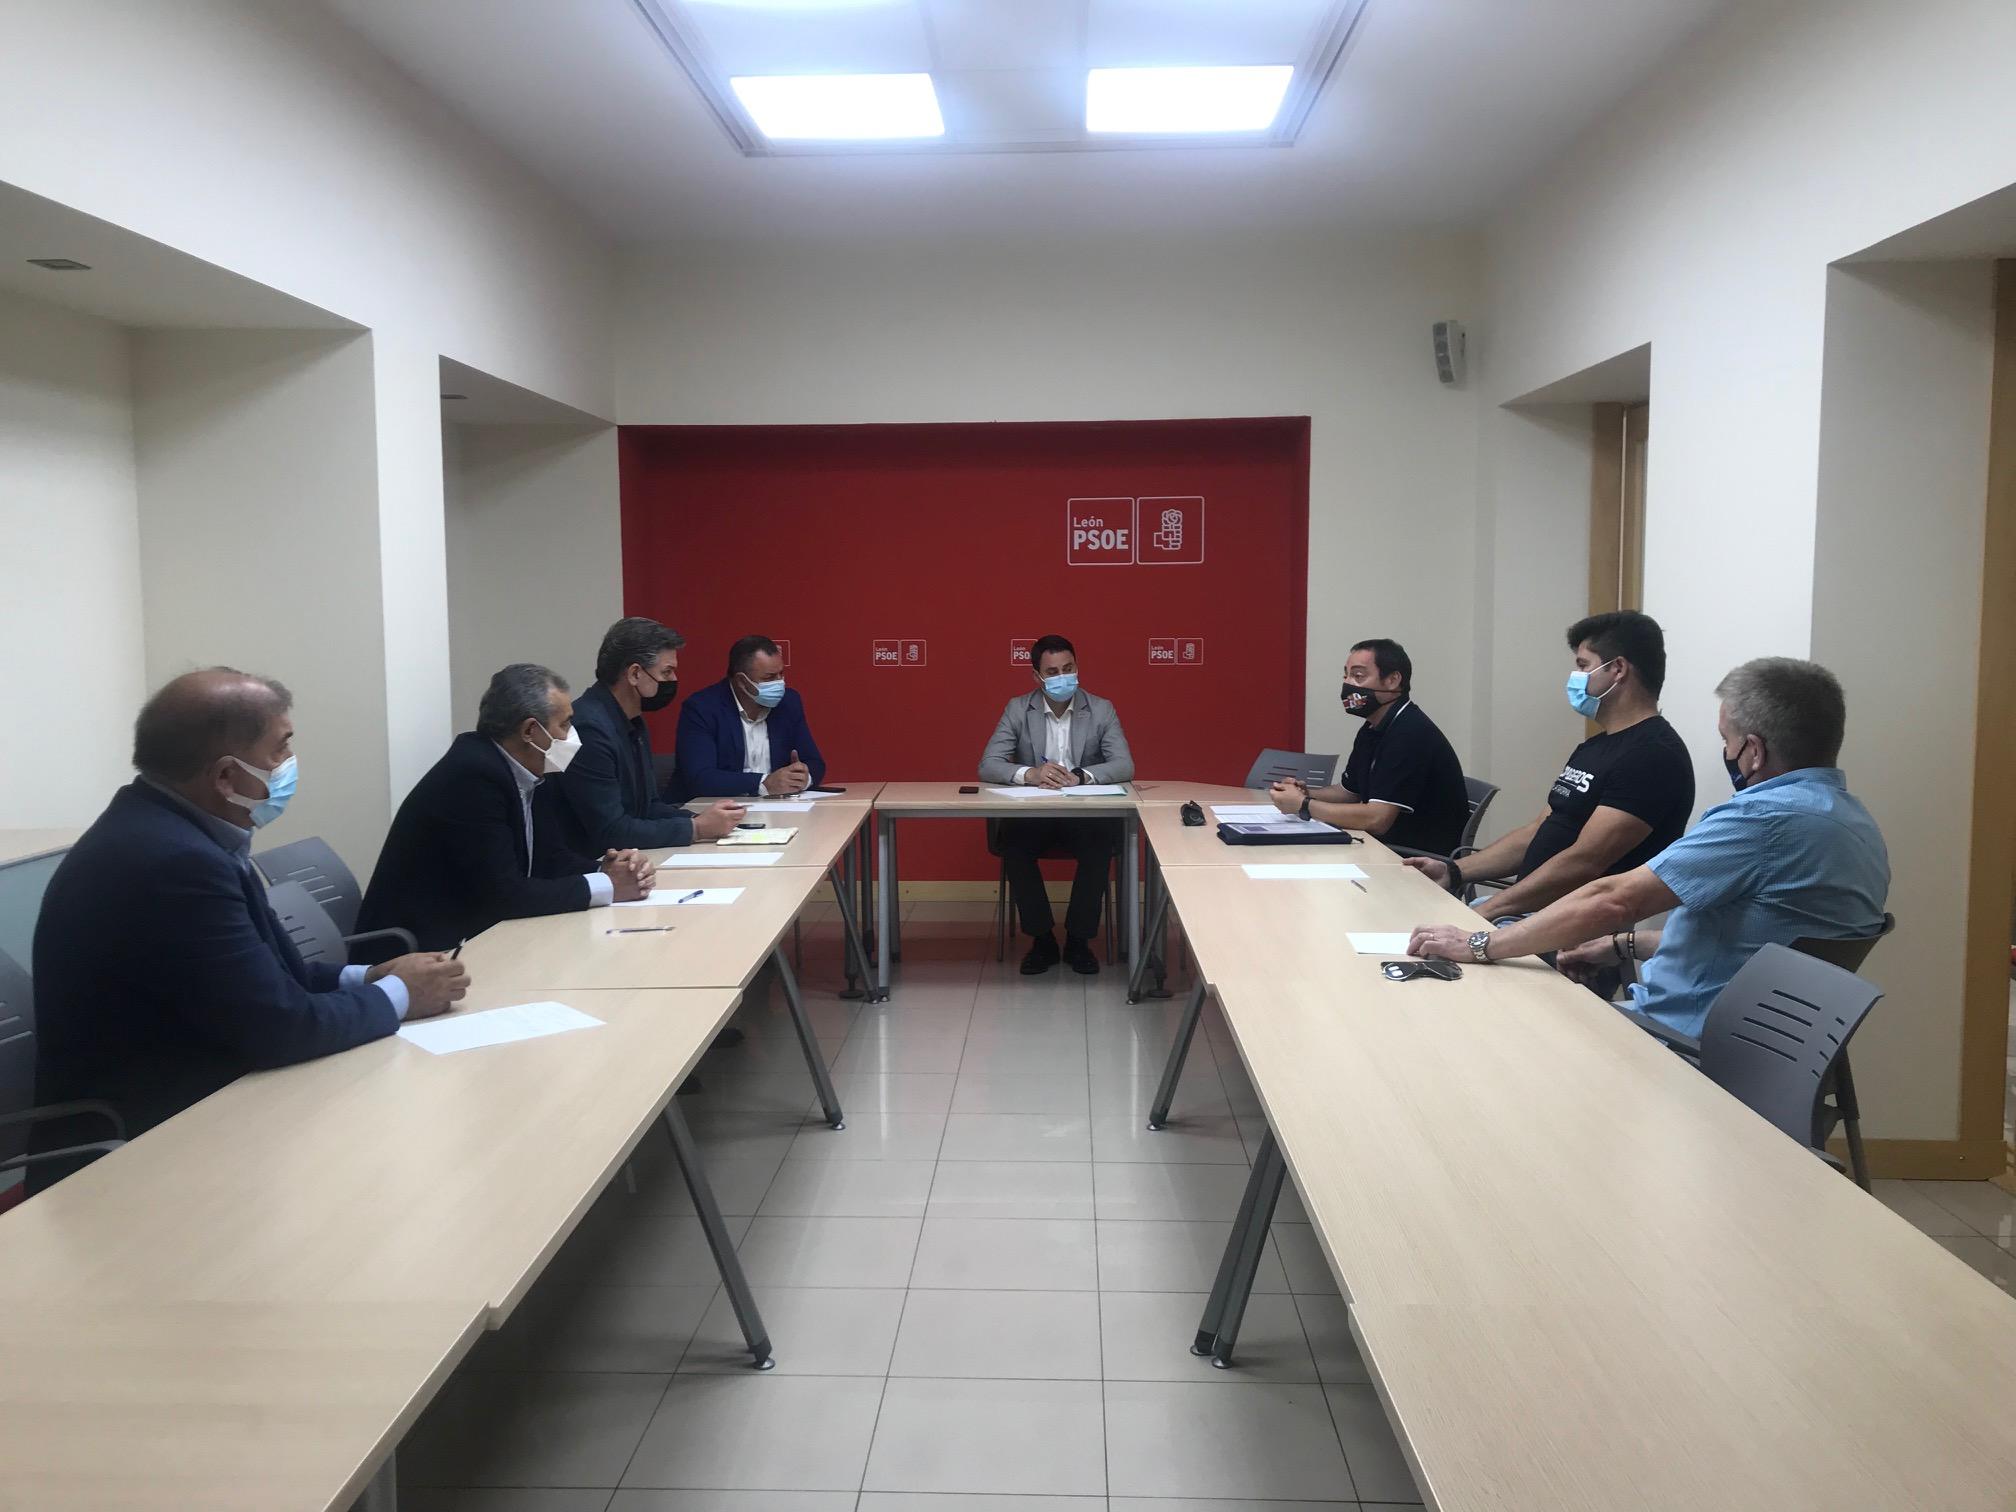 El PSOE de León exigen financiación a la Junta de Castilla y León para la puesta en marcha del Servicio Público de Protección, Extinción de Incendios y Salvamento